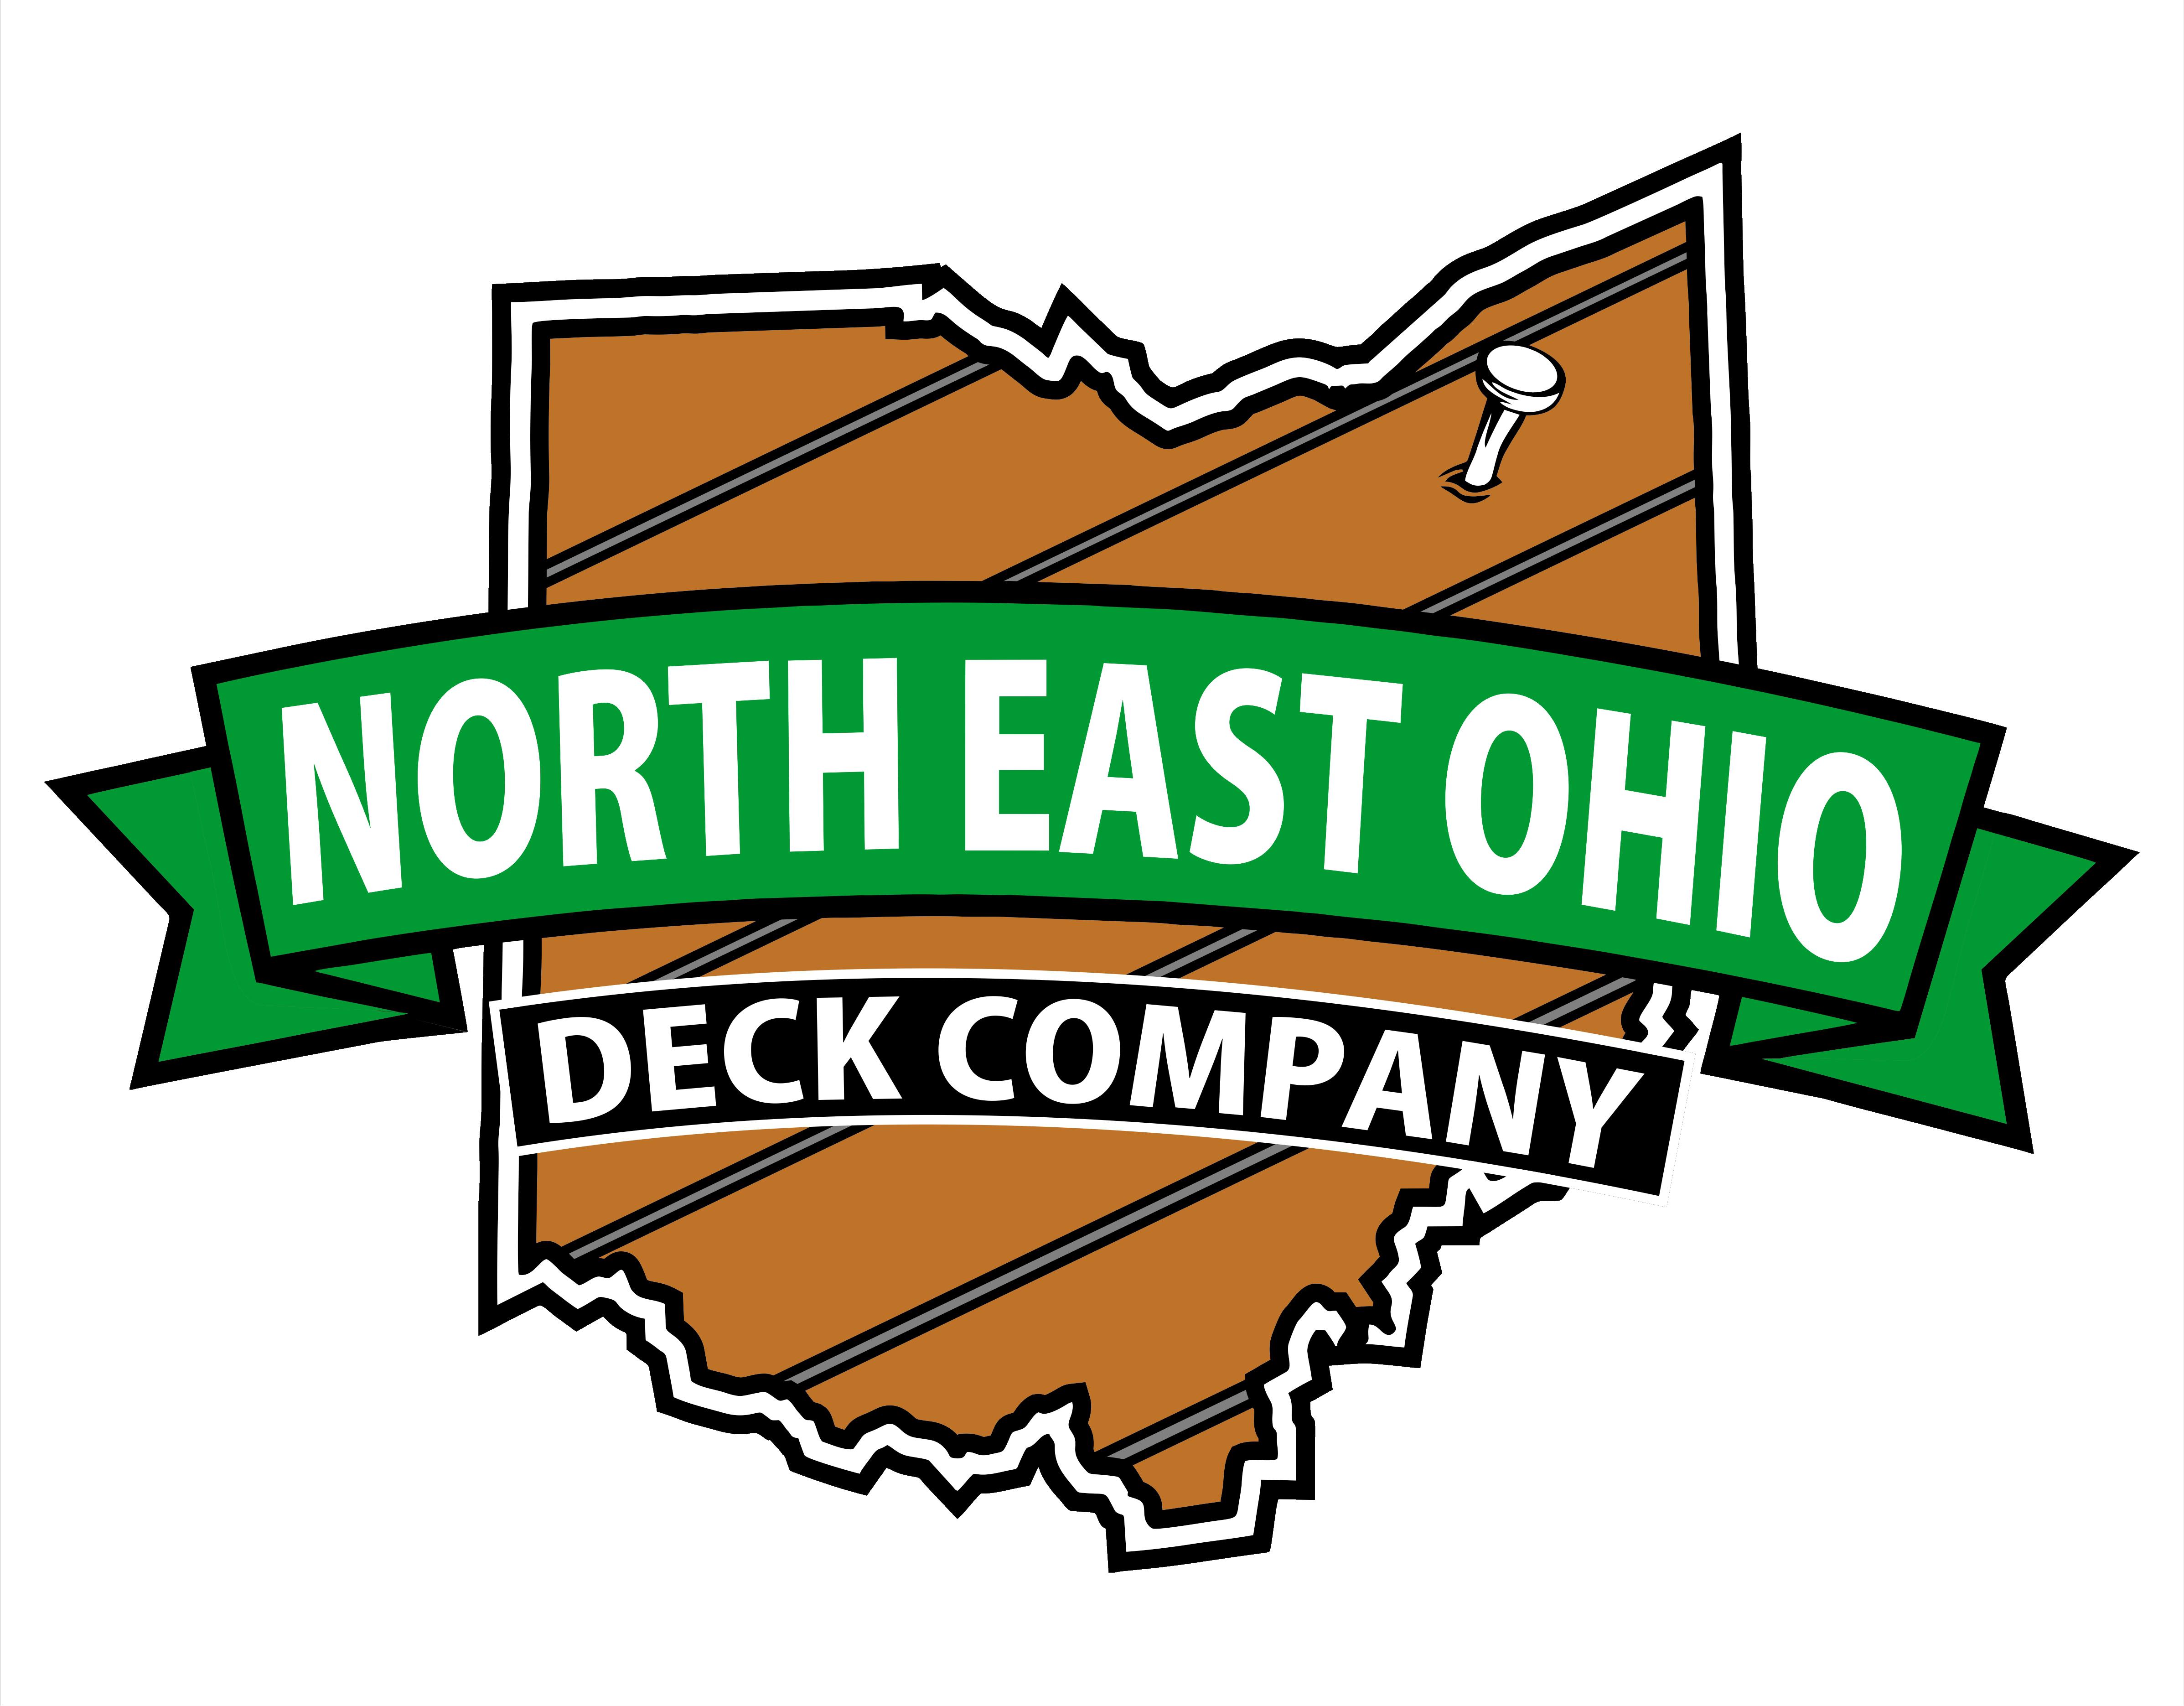 4790x3741 Deck Clipart Backyard Deck